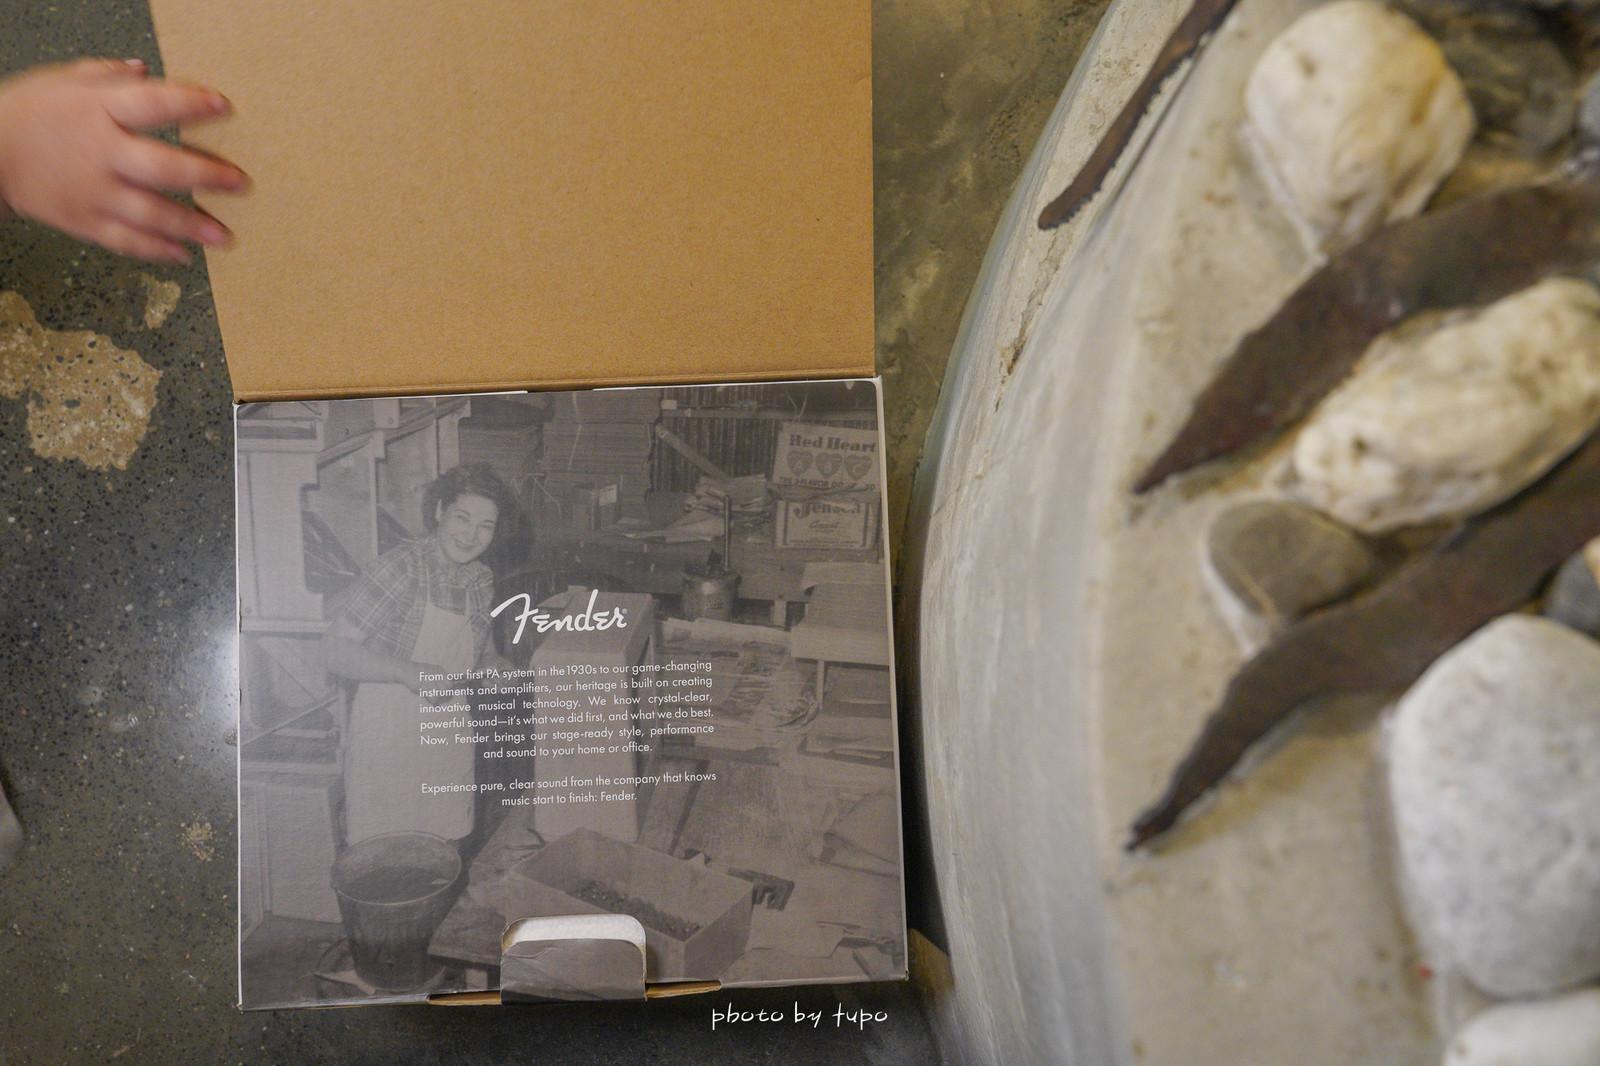 讓耳朵懷孕 》Fender Newport 無線藍牙喇叭:好音質隨身帶著走、小巧好攜帶、復古面板、用過回不去了。